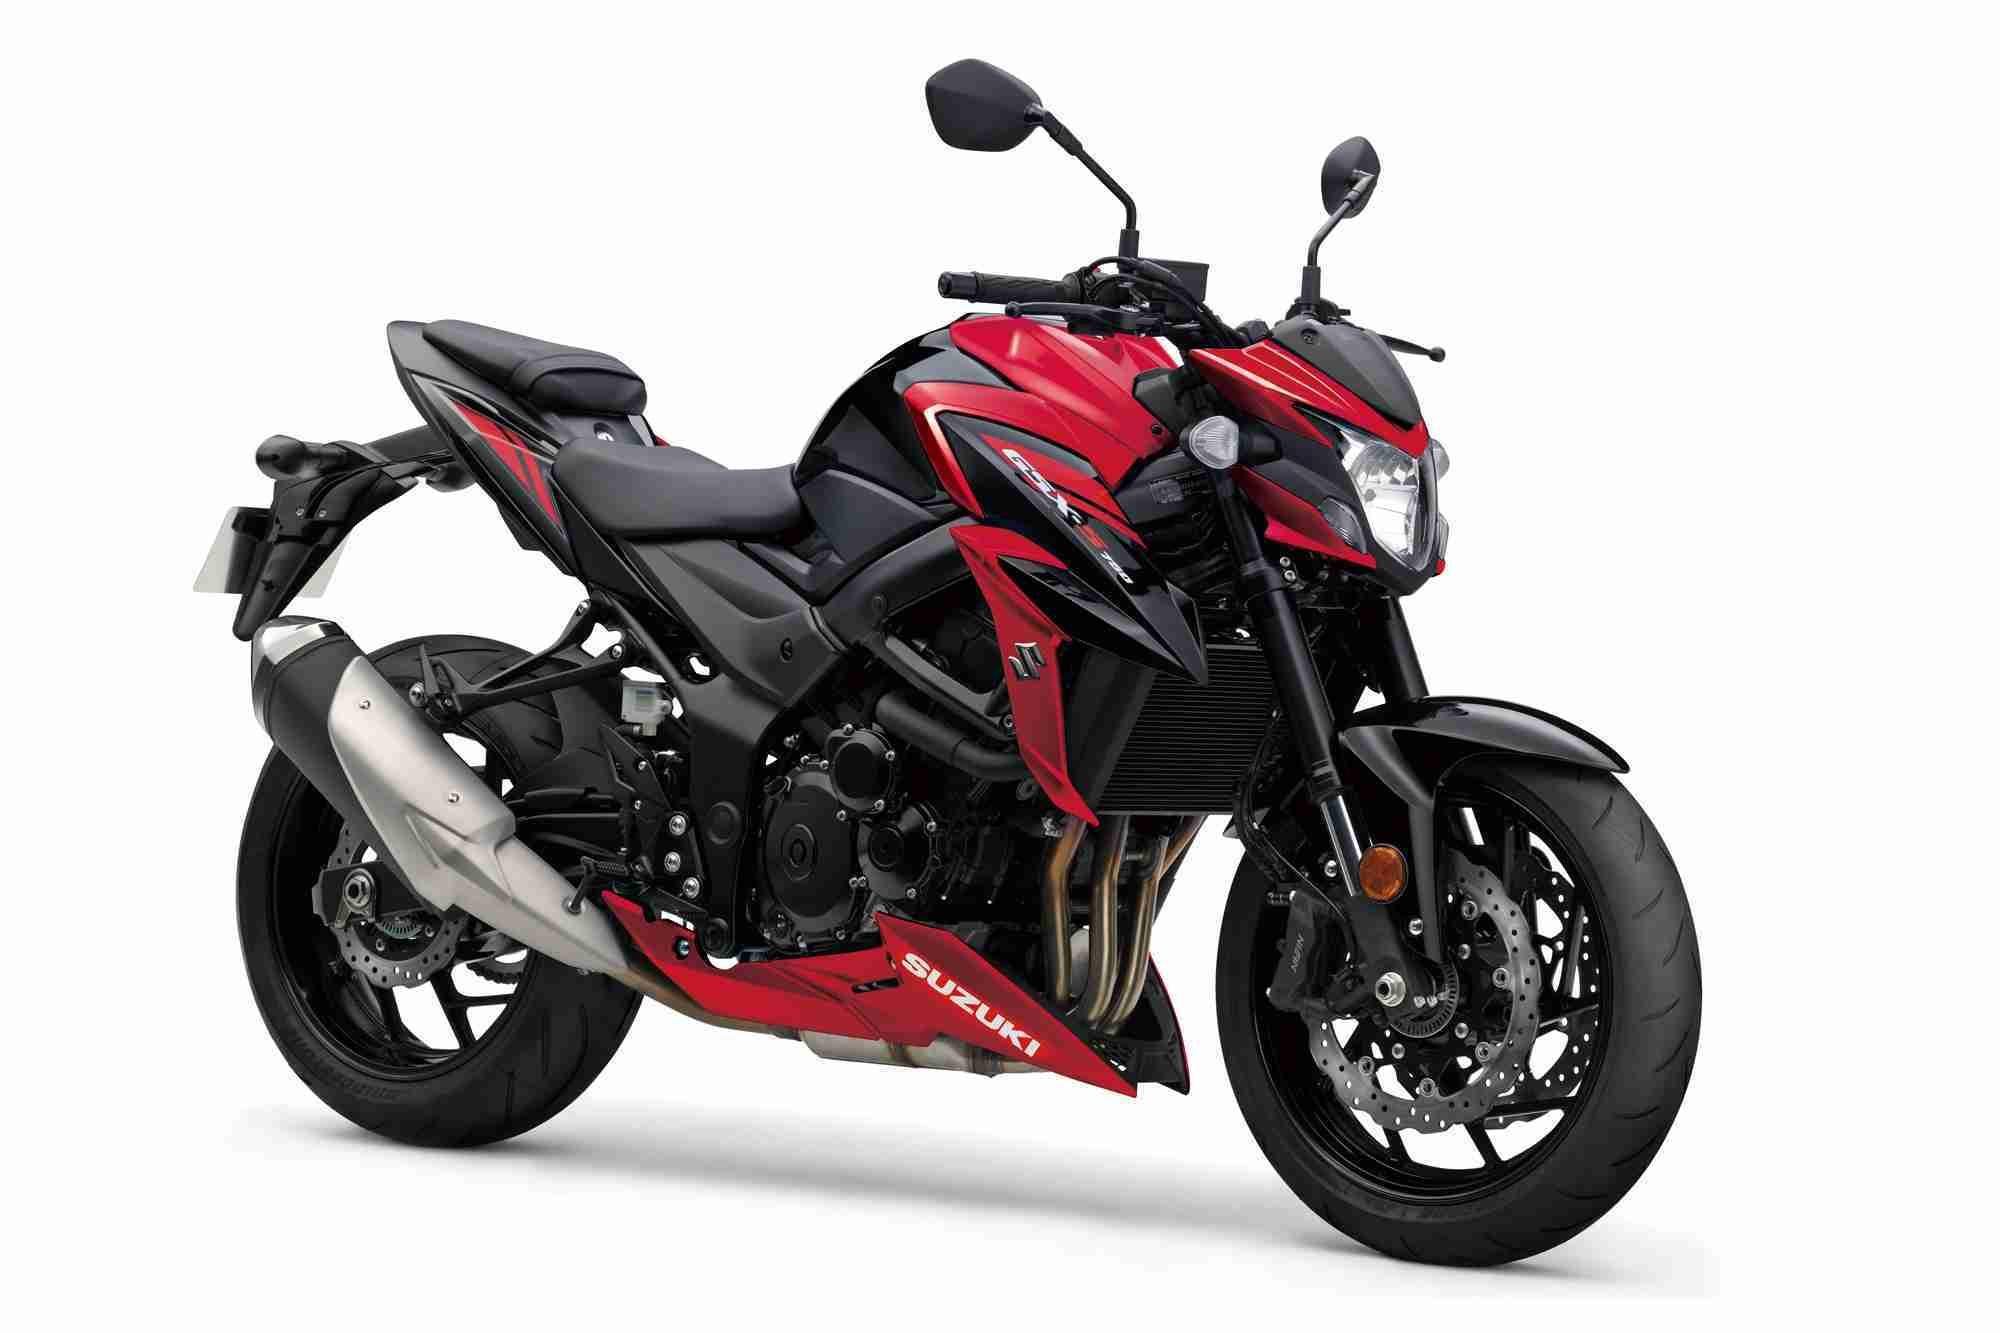 Suzuki GSX-S750 Red colour option